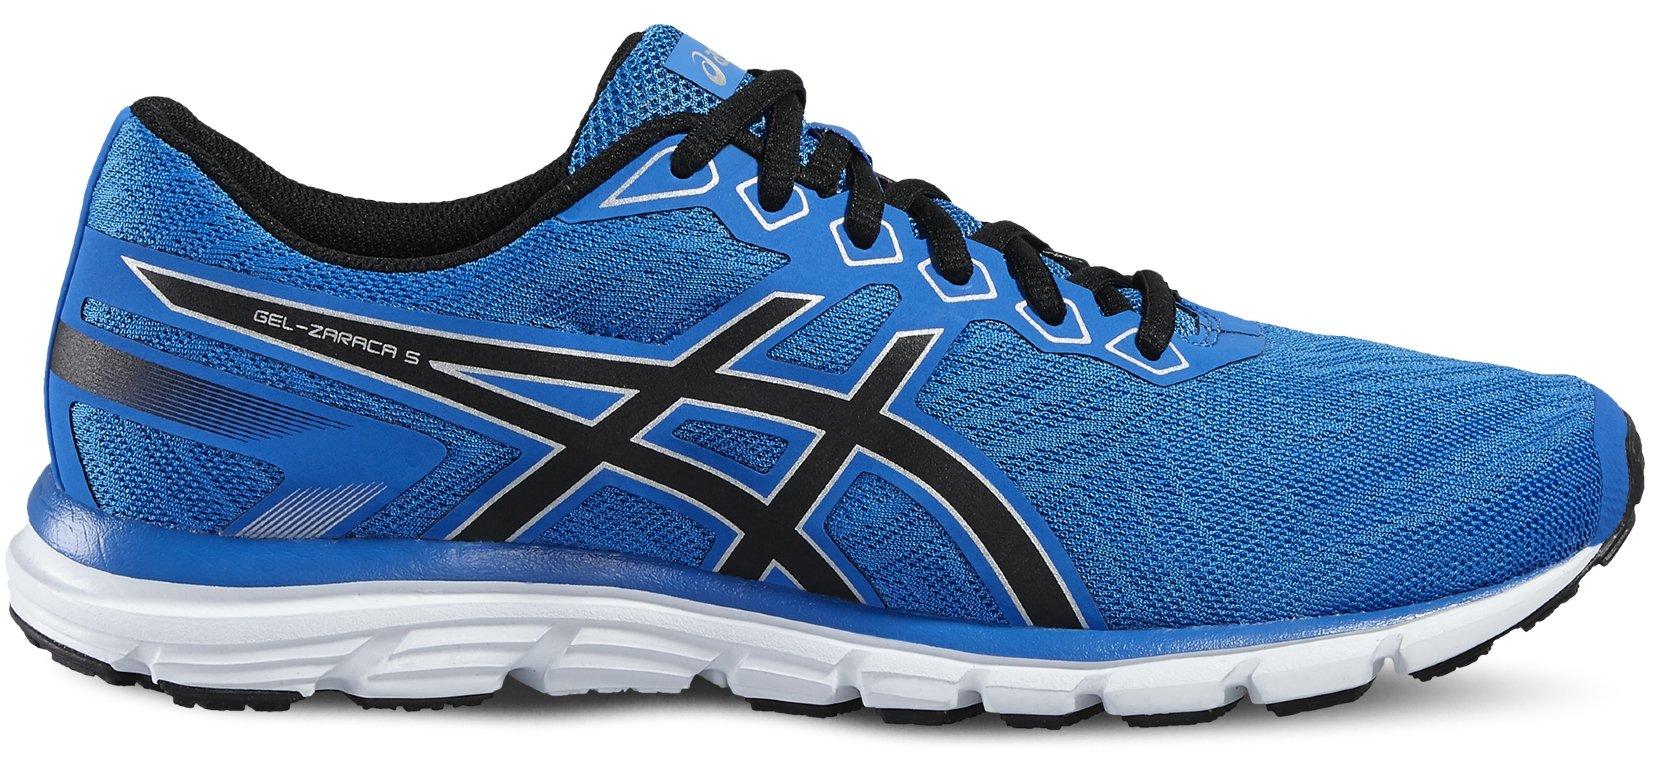 Купить кроссовки Asics Gel-Zaraca 5   Интернет-магазин Лаборатория бега 551350cd81d